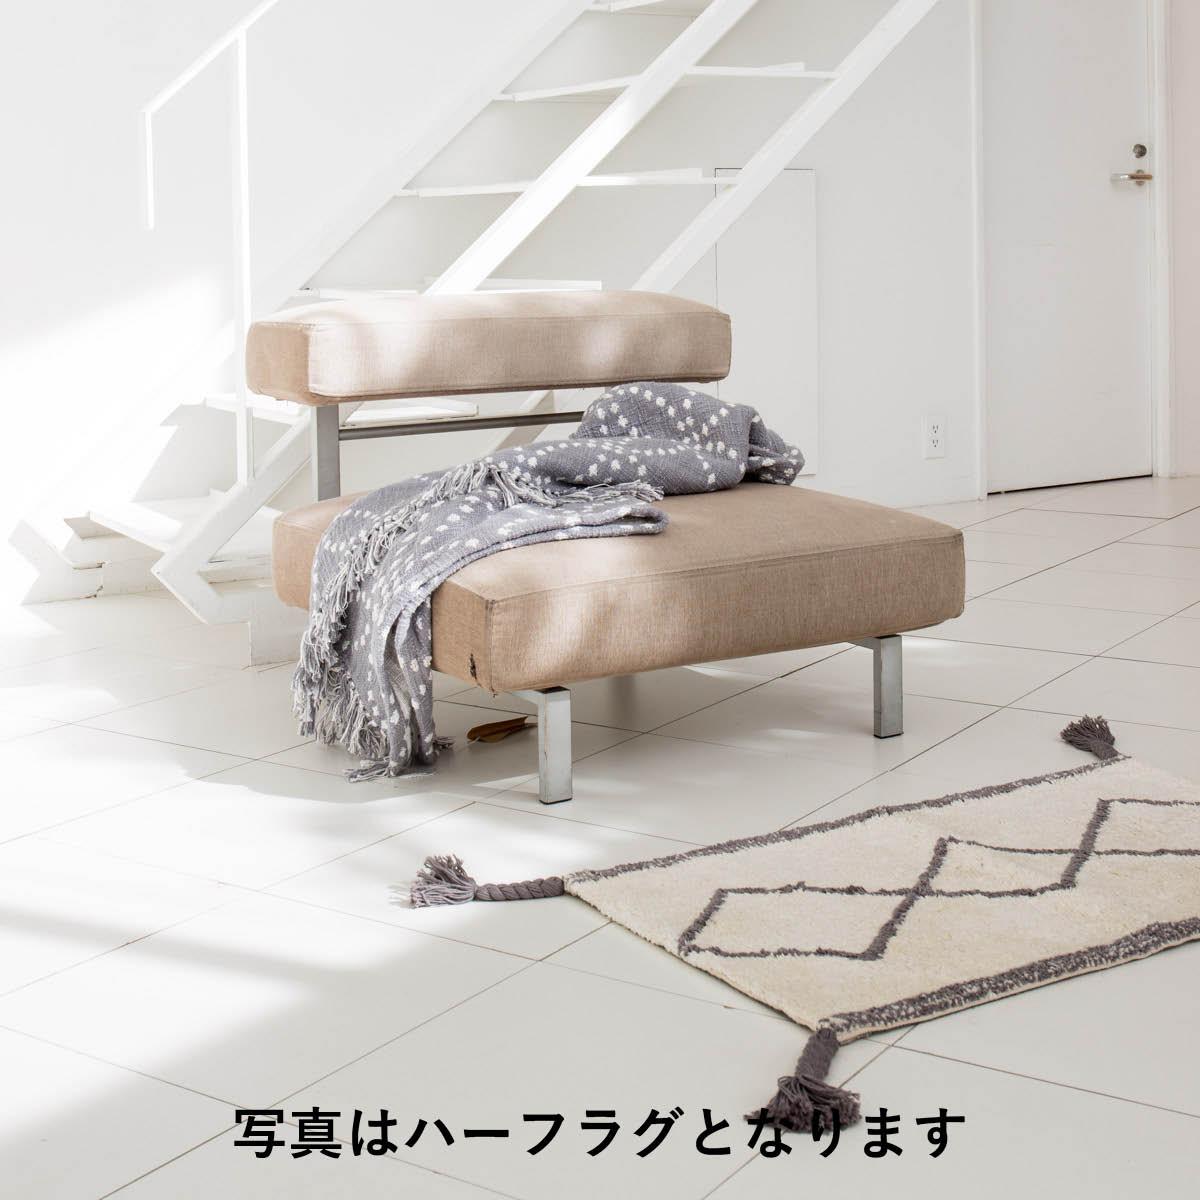 ラグ ラグマット [b2c ラグ-L ダイア] 絨毯 サラサデザインストア